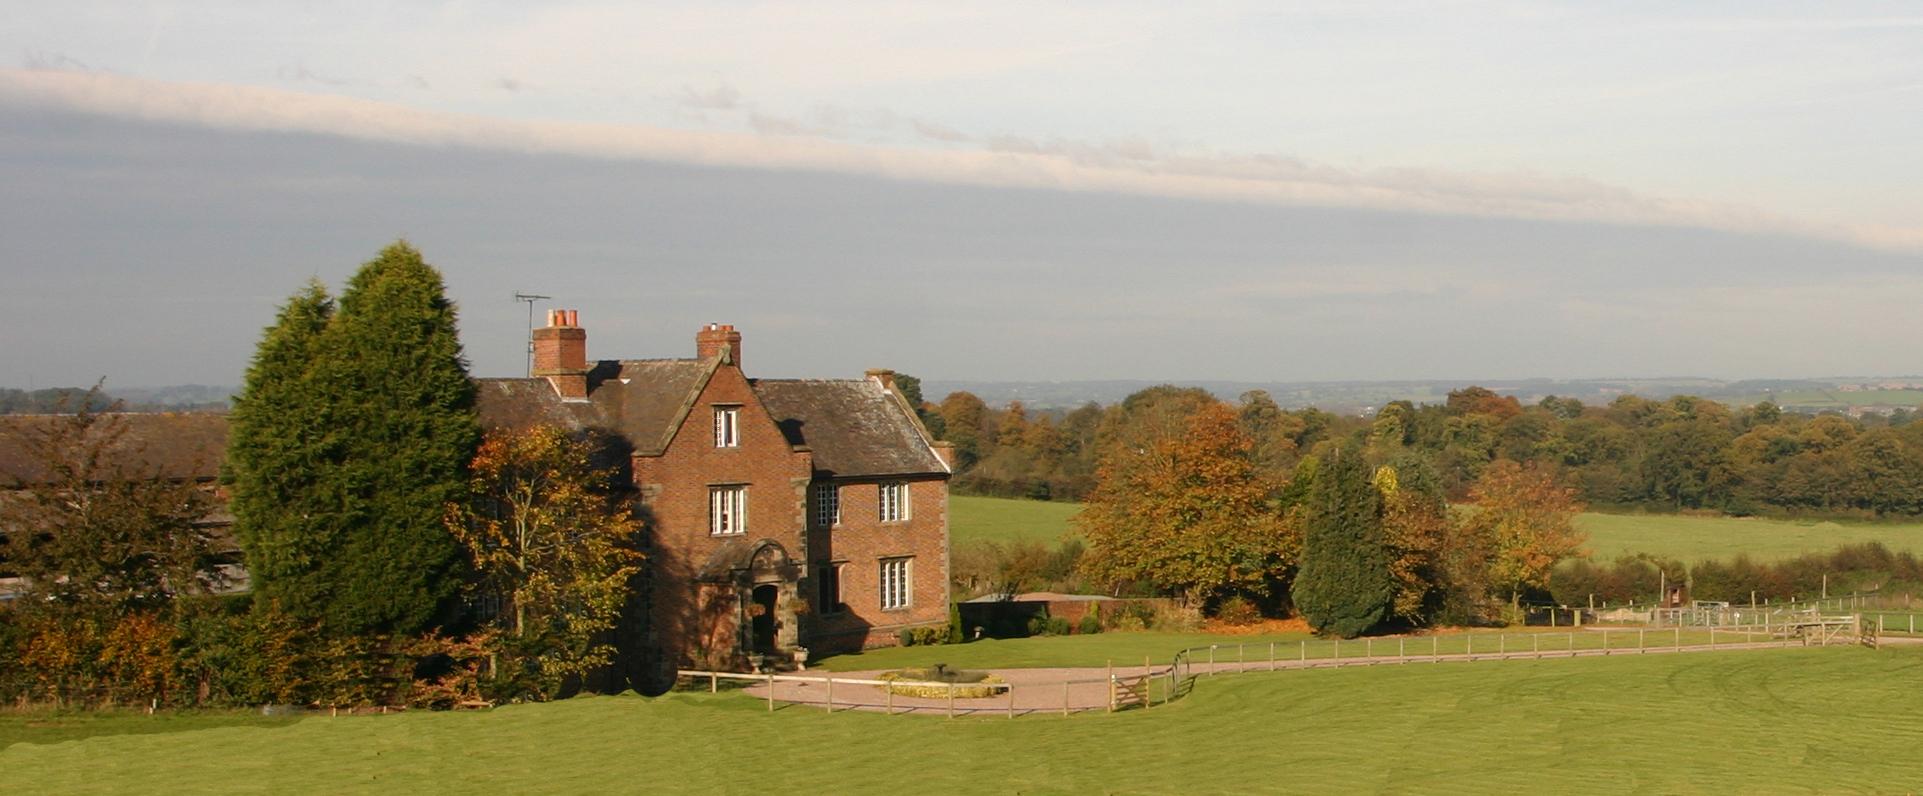 Haywood Park Farm